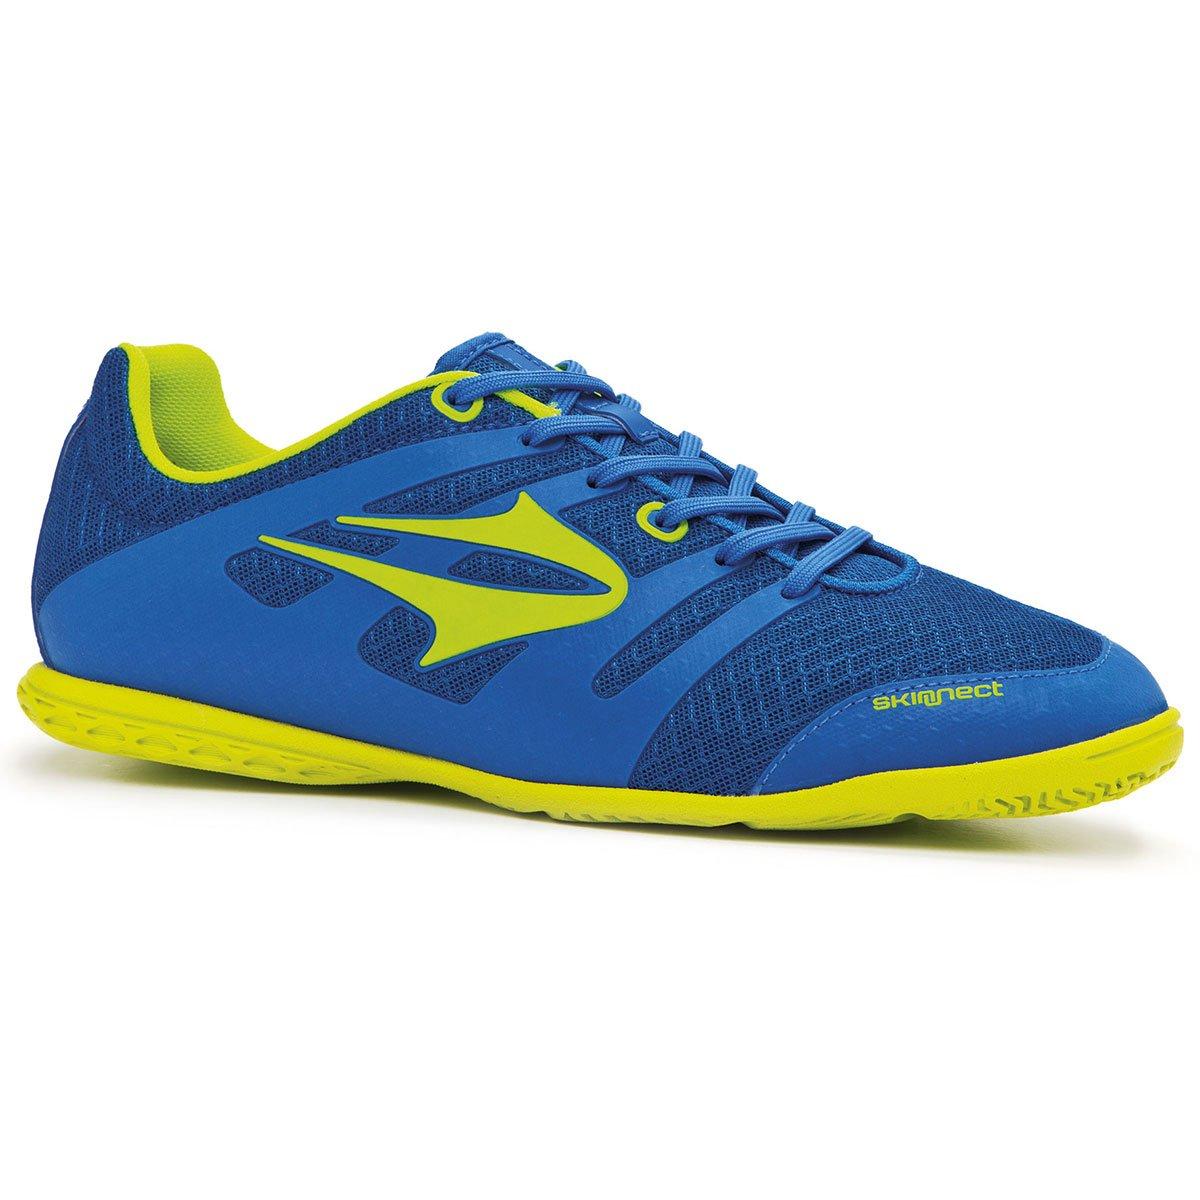 10cdb44aa4 Chuteira Topper Letra Futsal - Compre Agora